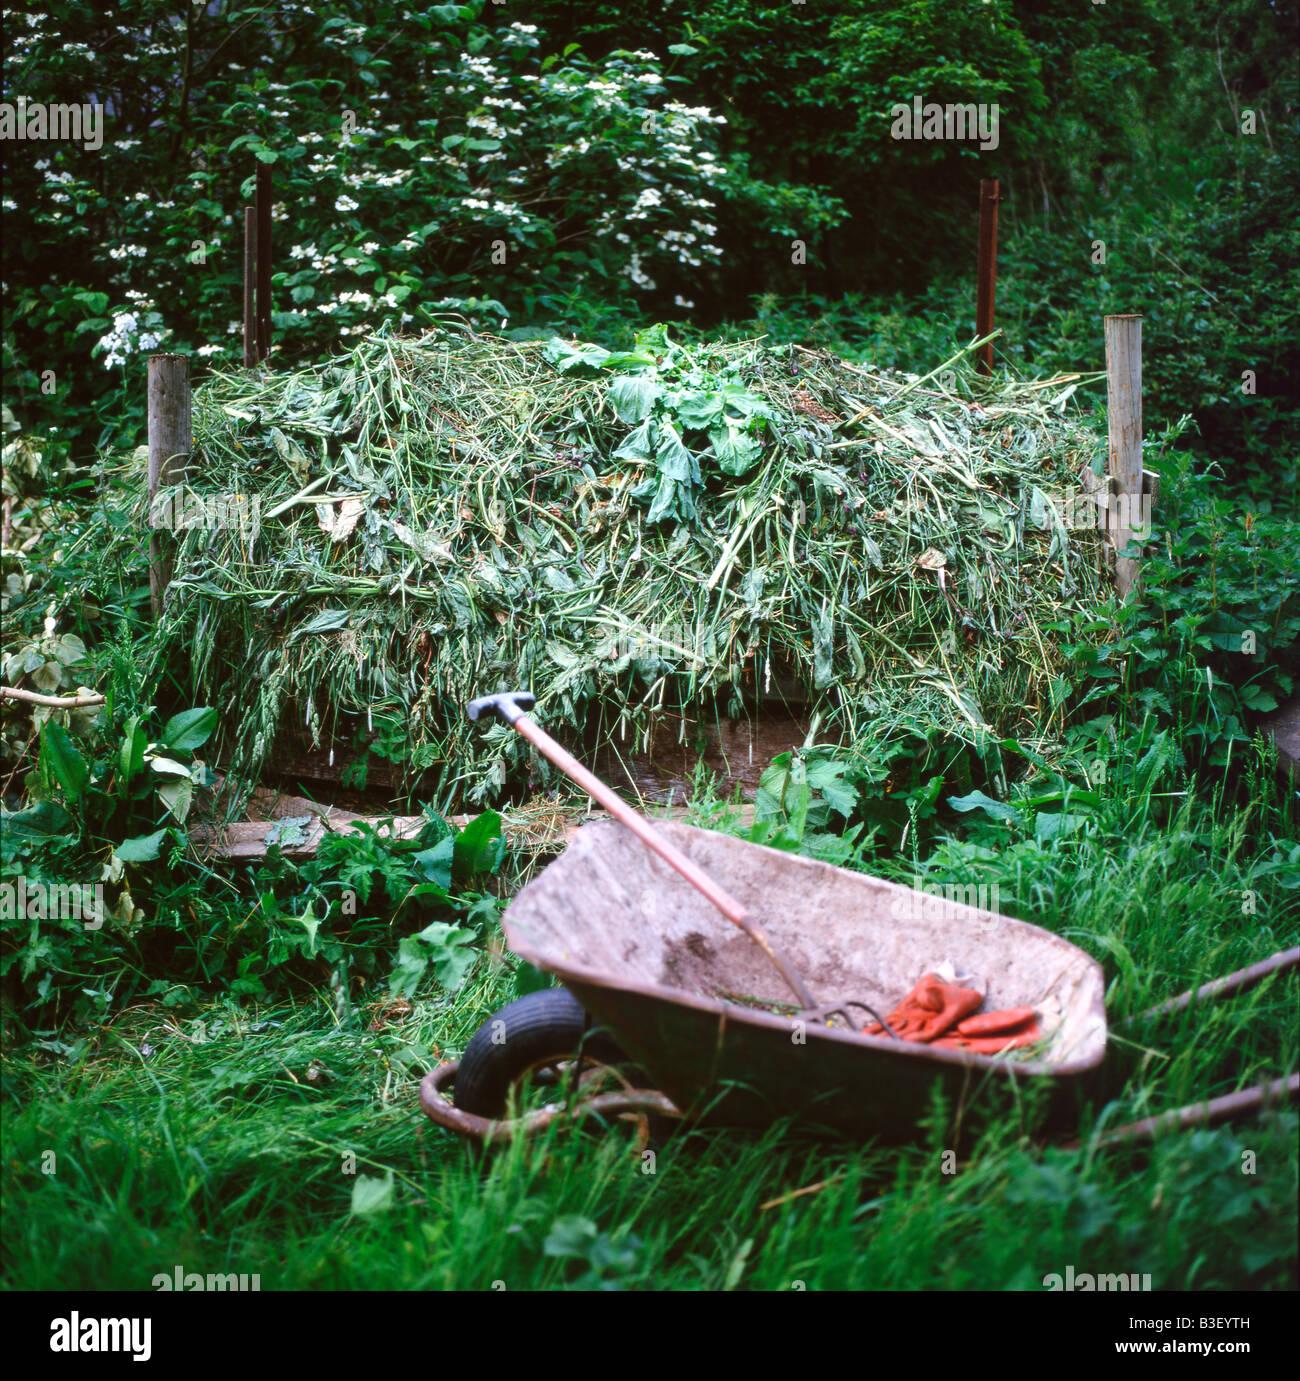 Komposthaufen von Gras, Schubkarre, Gabel und Gartenhandschuhe in eine autarke Garten Brecon Wales UK KATHY DEWITT Stockbild